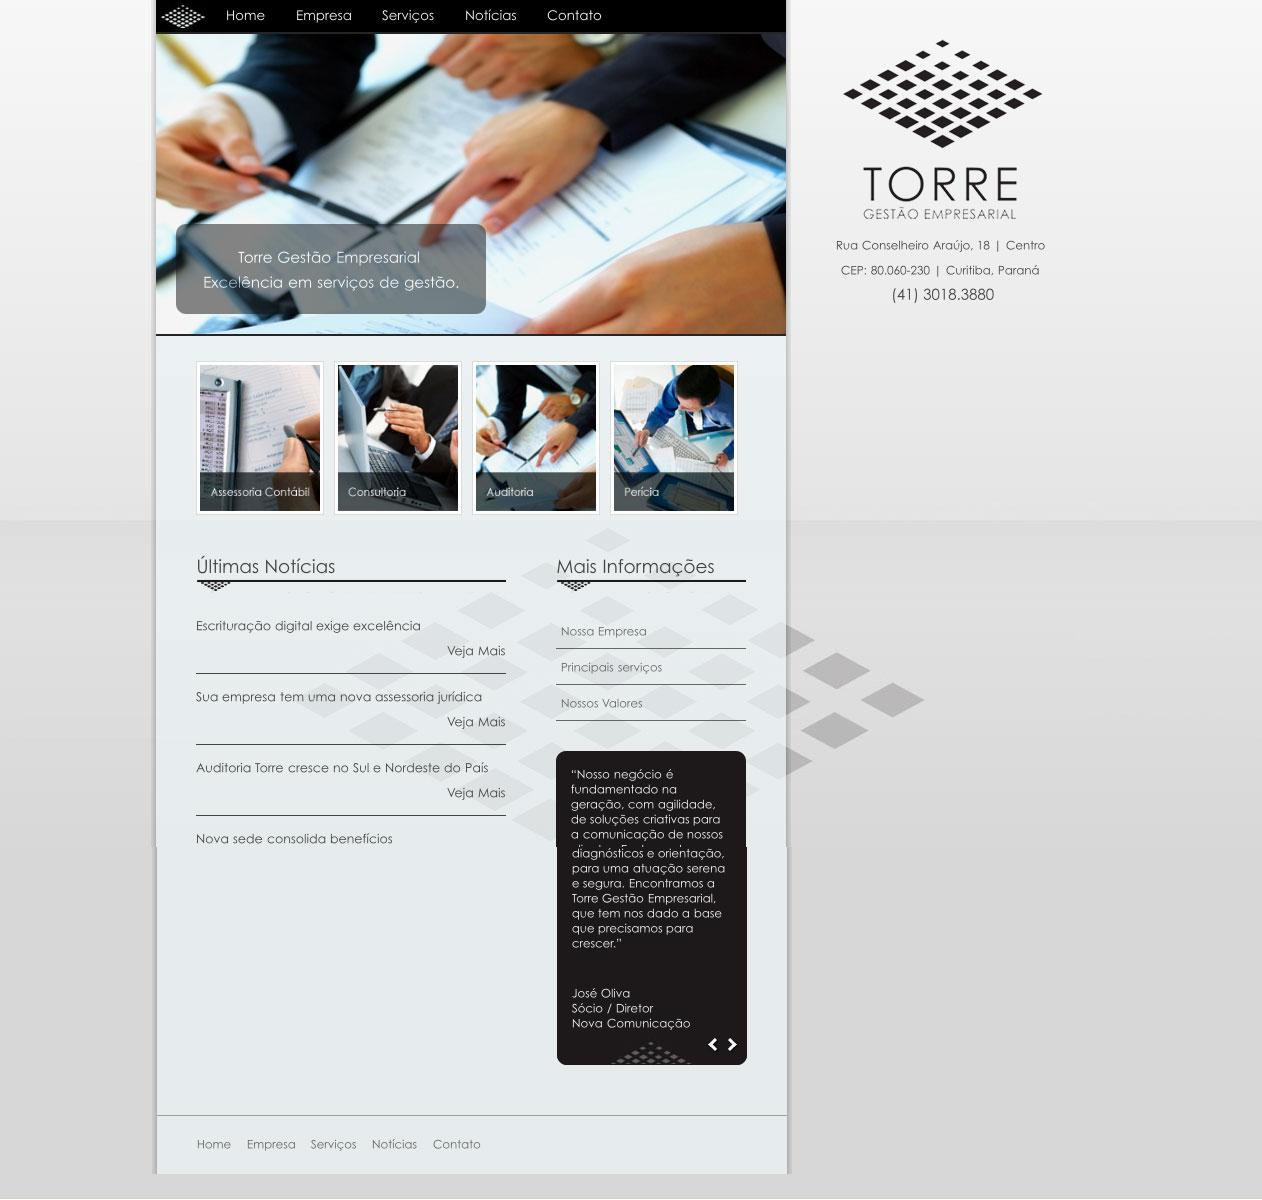 Novo Site - Torre Gestão Empresarial